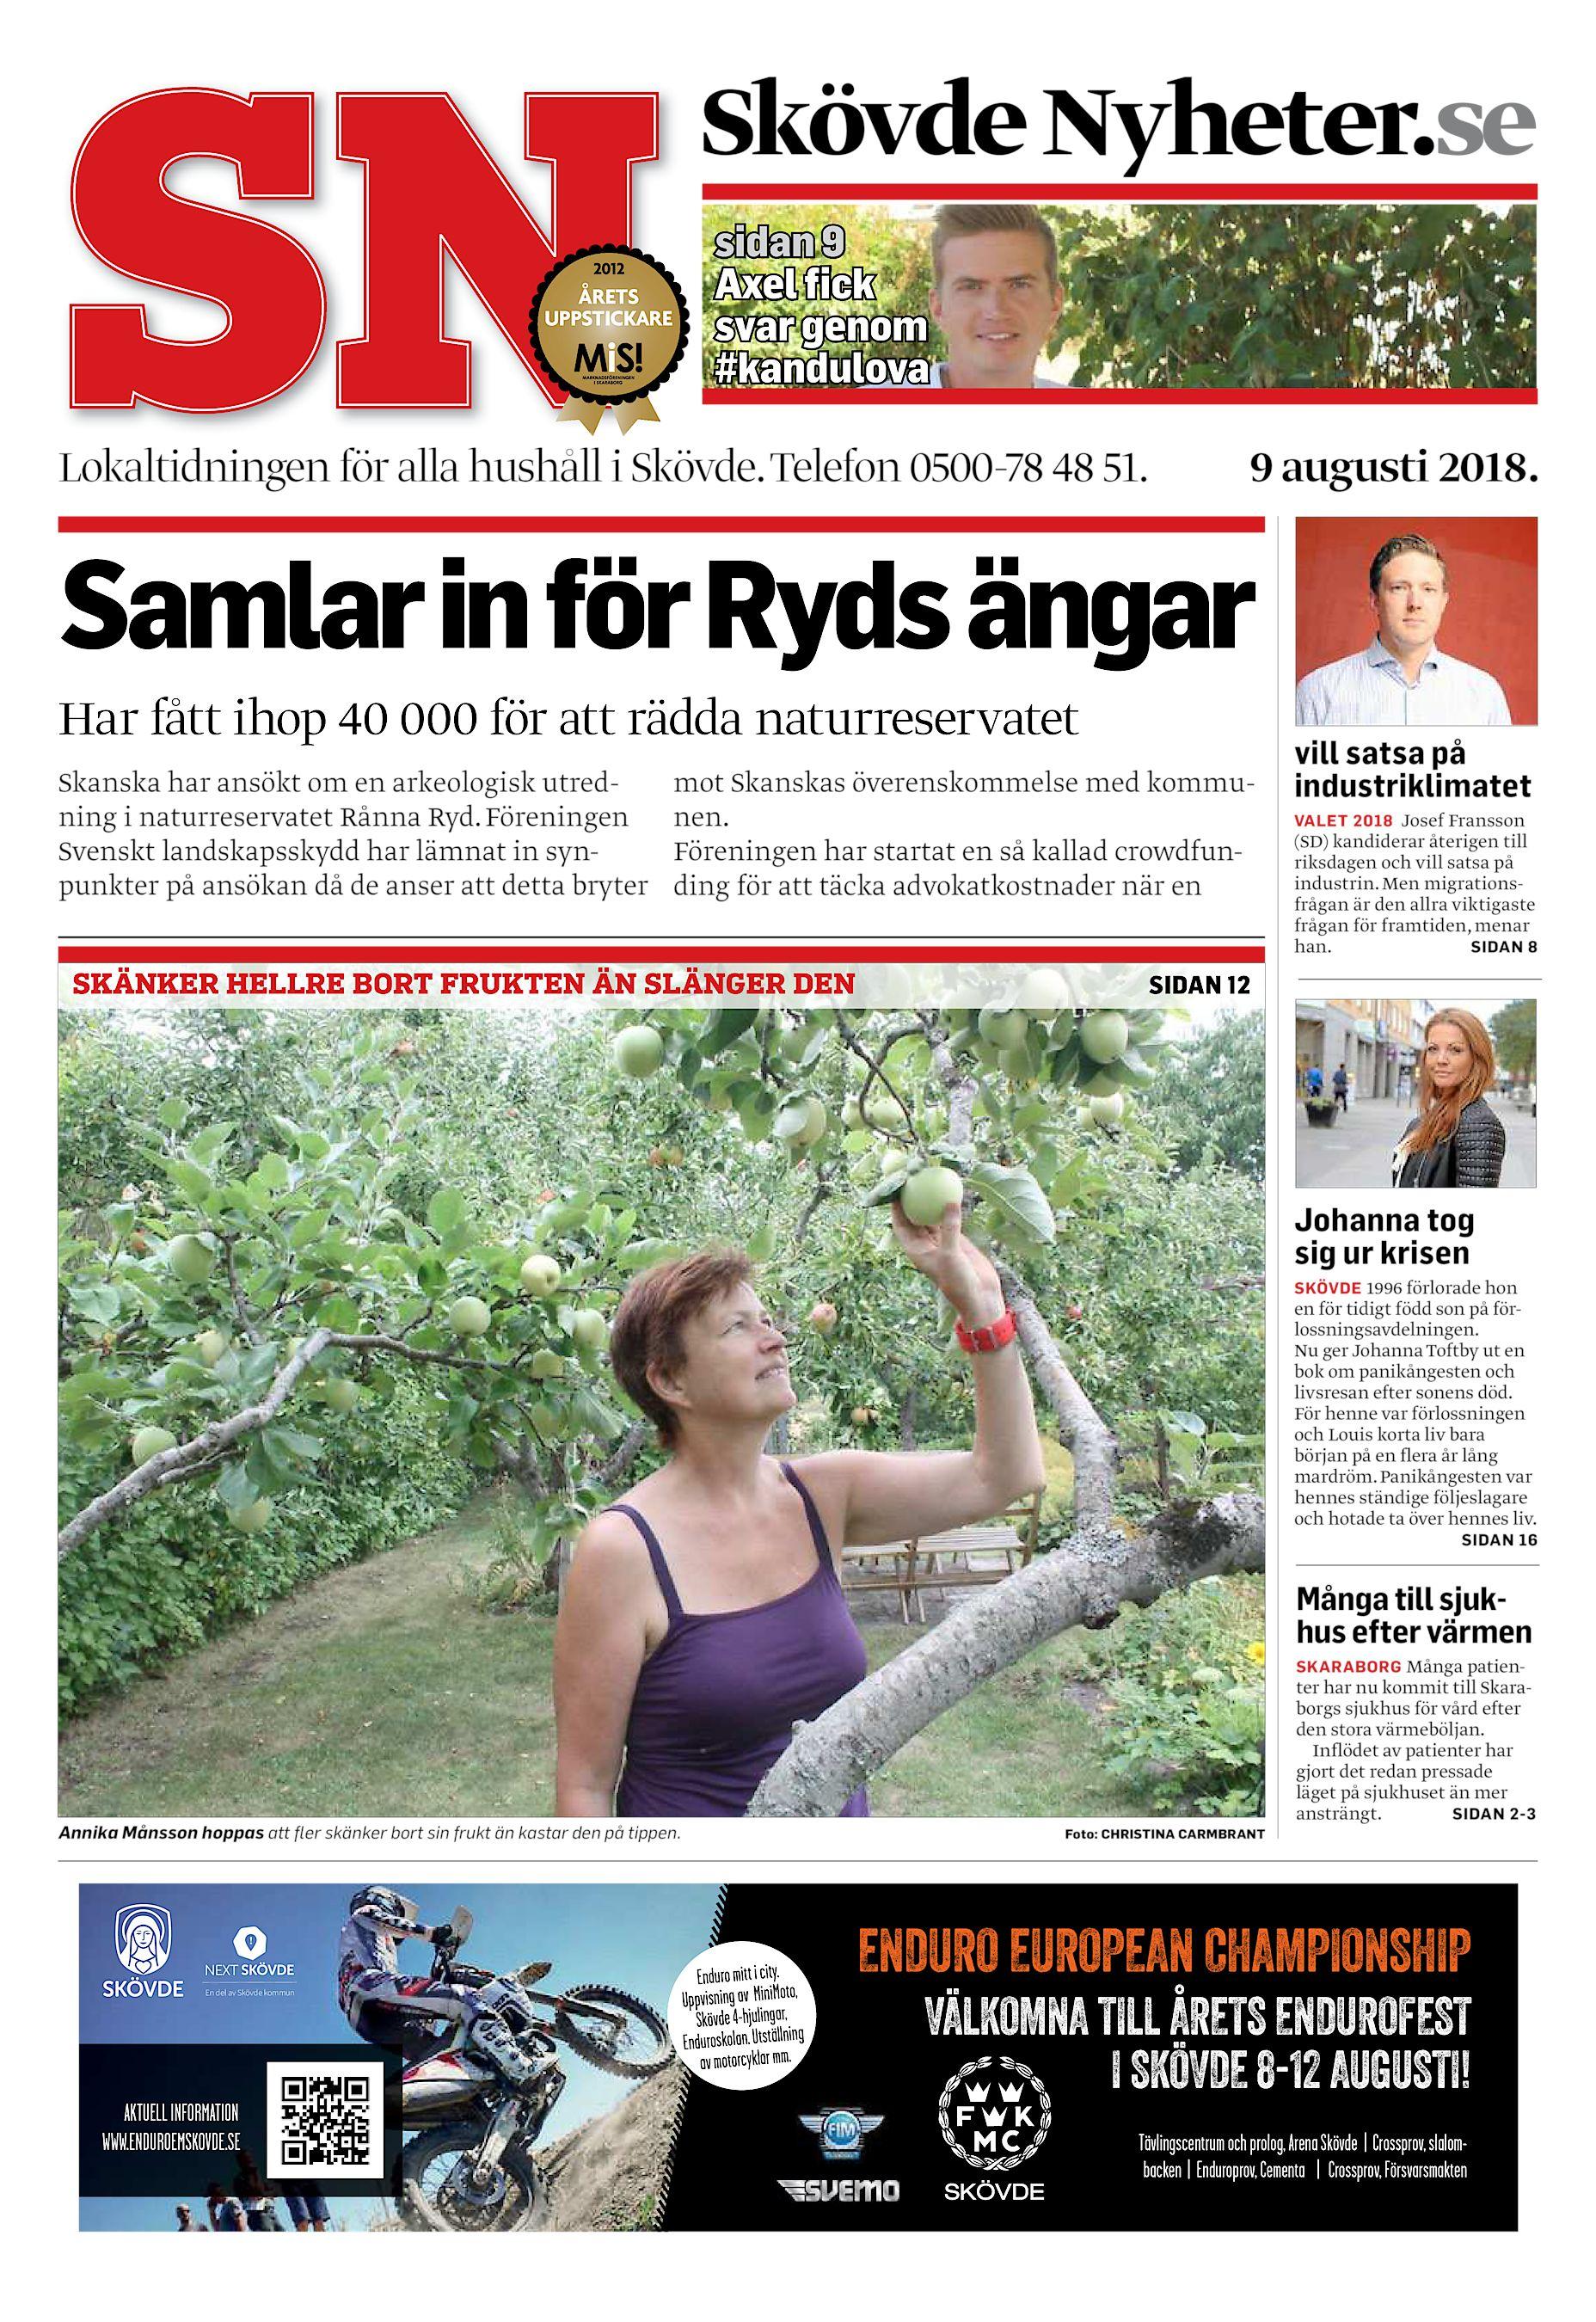 Aktiviteter Dejt Sandviken - Kvinnor Sker Mn Solna